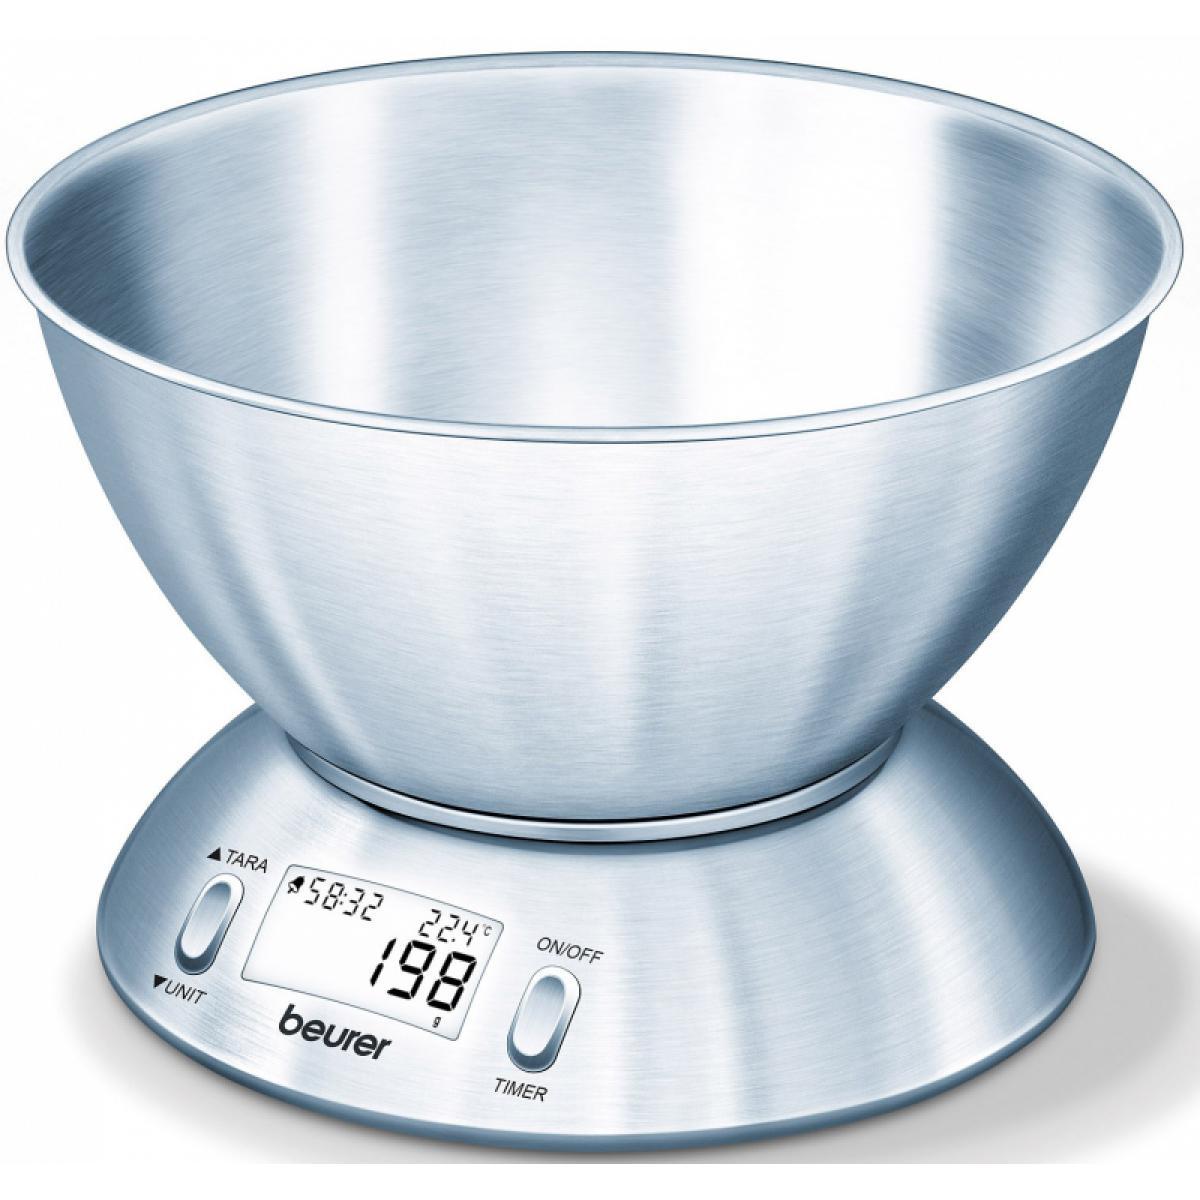 Beurer Beurer Balance de cuisine KS 54